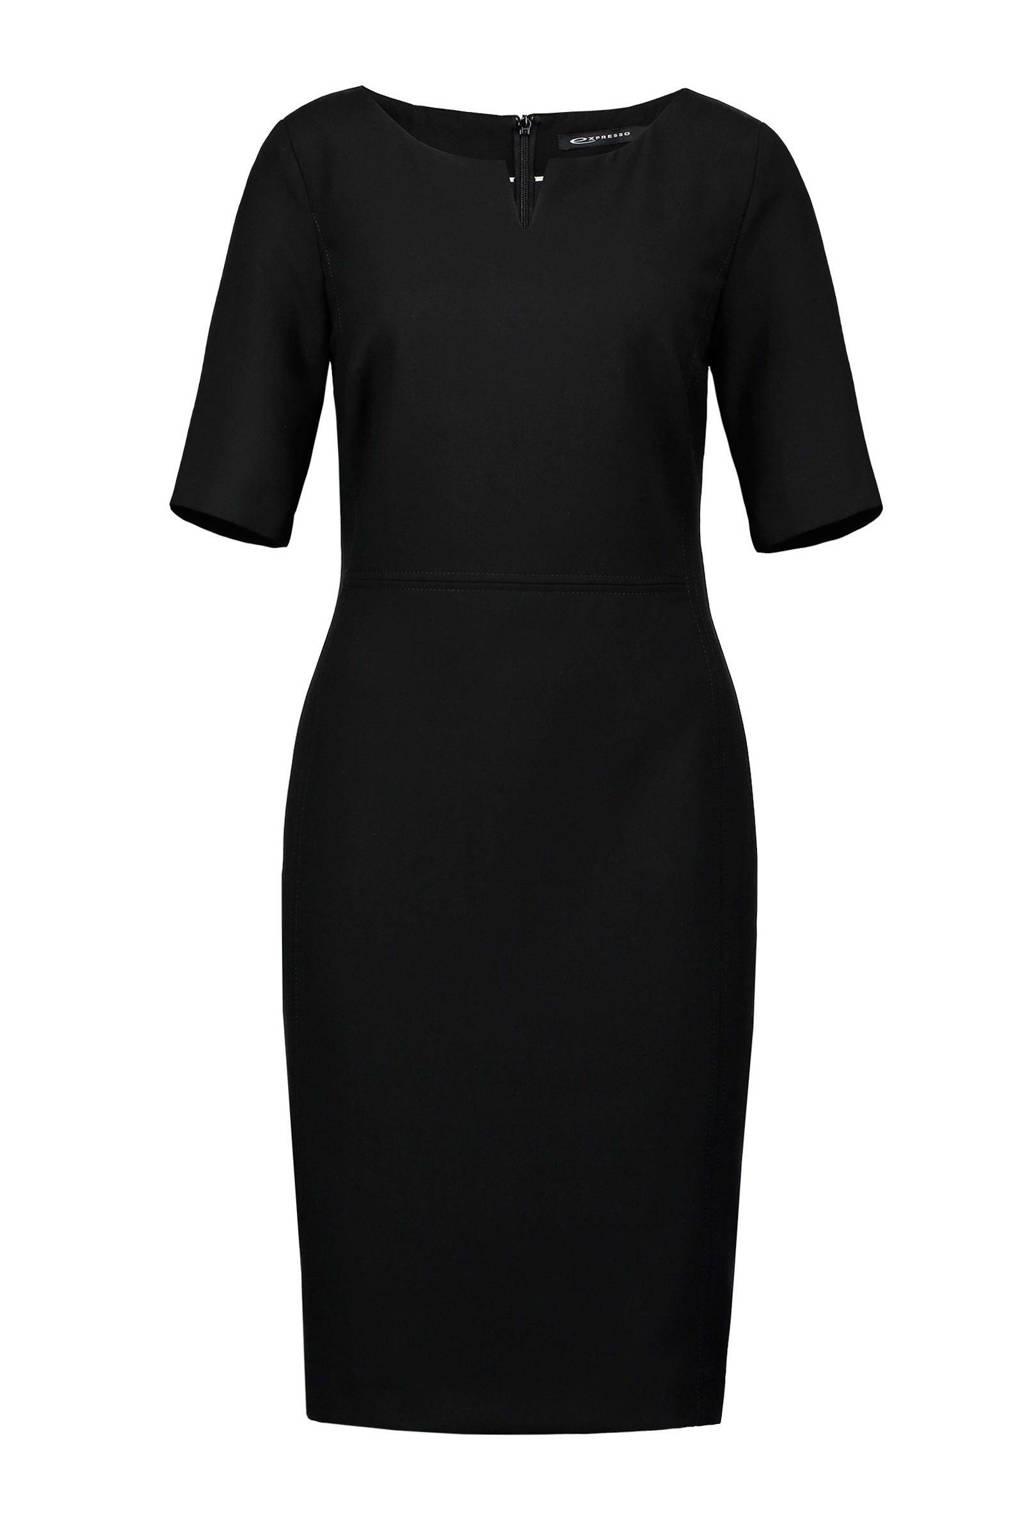 Expresso Xantippe jurk, Zwart